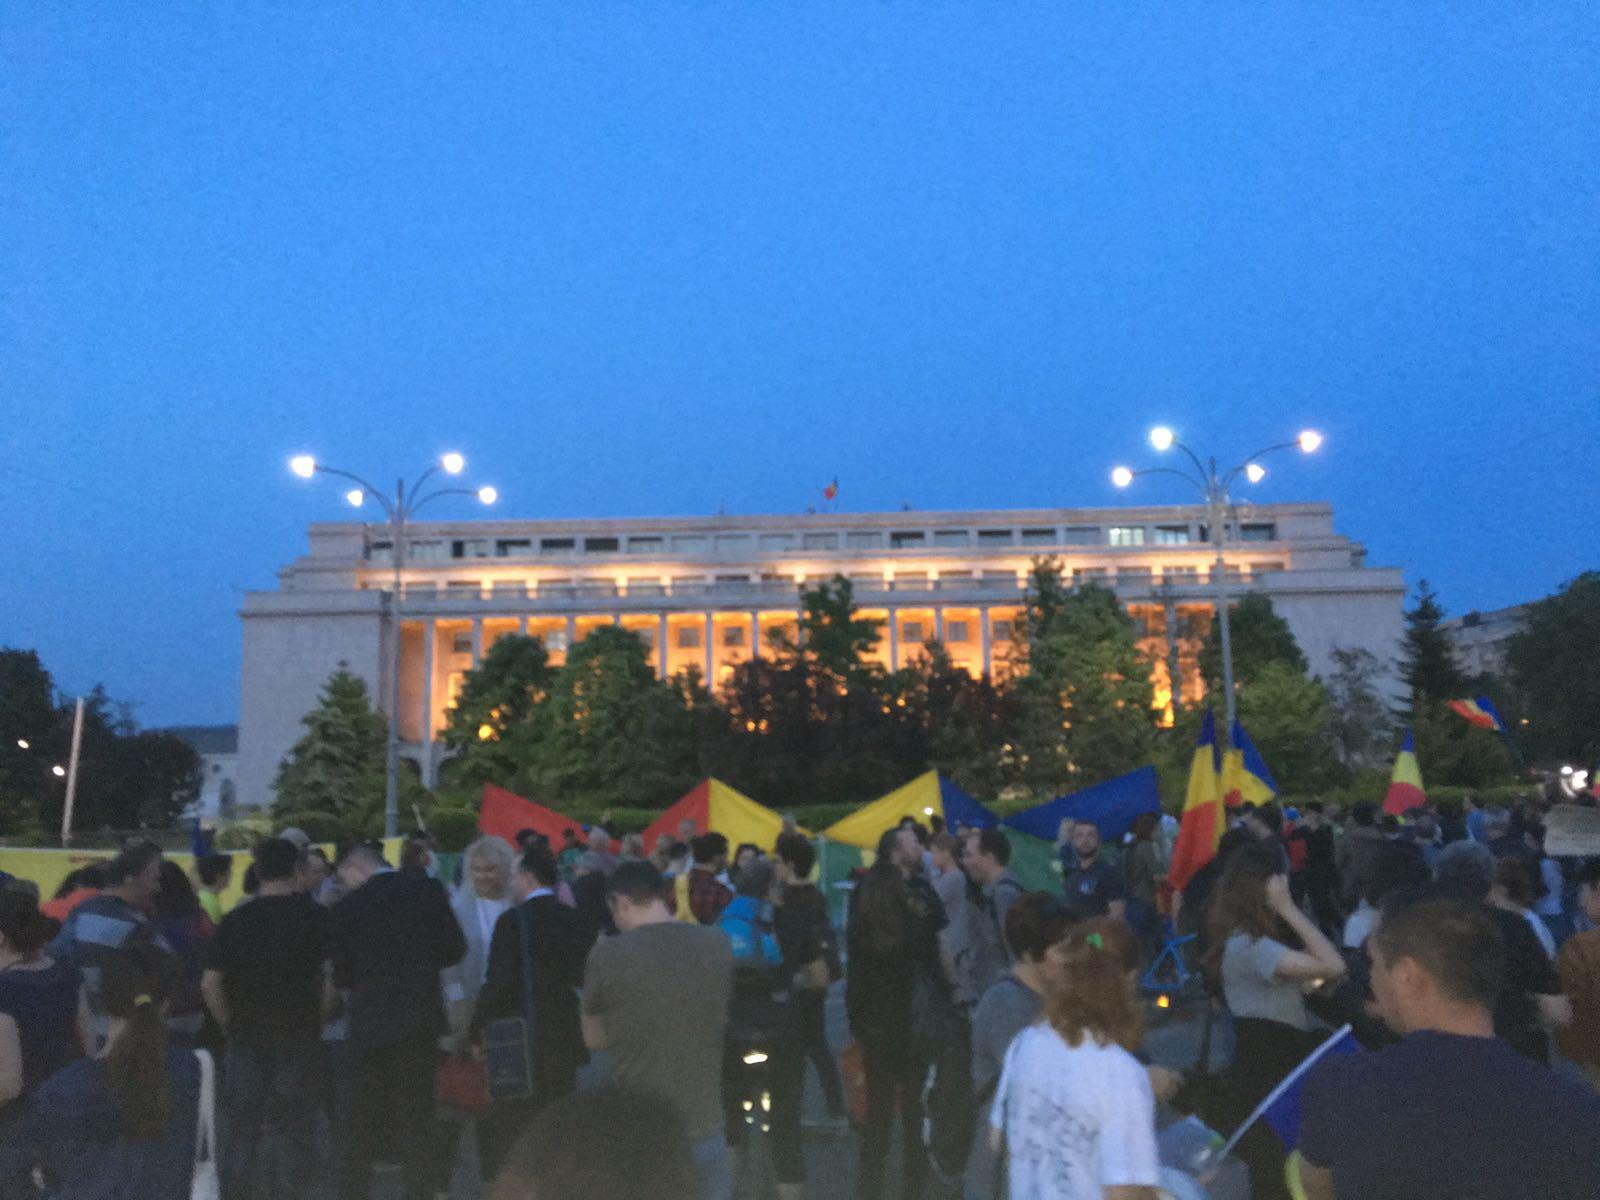 Peste 50 de protestatari se află în faţa Guvernului şi scandează: PSD, ciuma roşie